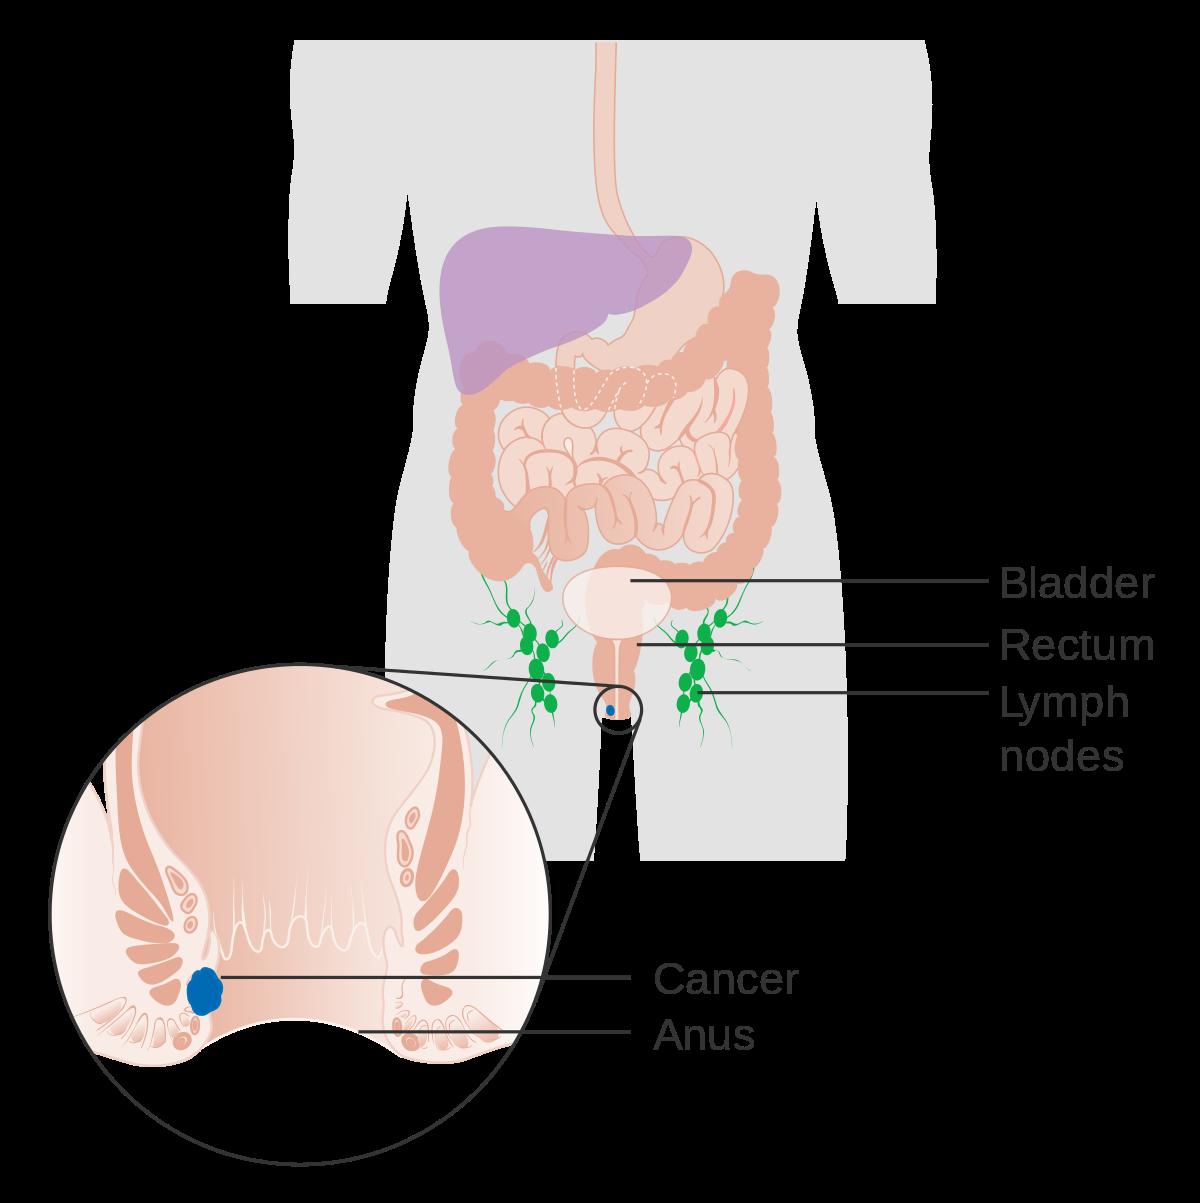 papilloma meaning marathi